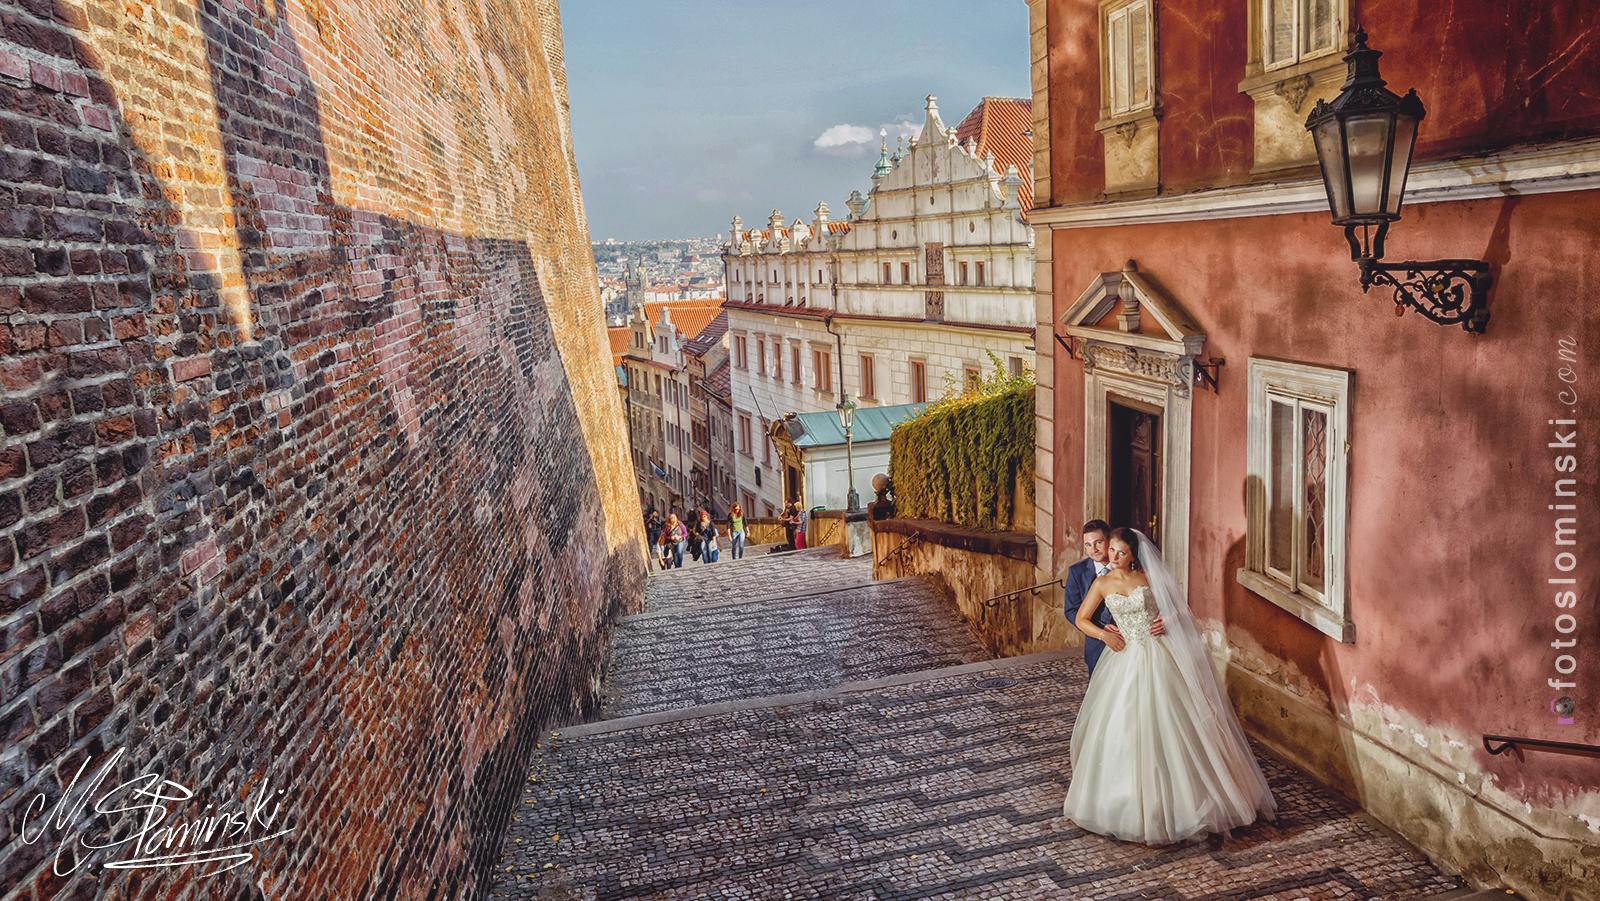 Fotografia ślubna - FotoSlominski - Sesja plenerowa w Pradze #ZdjęciaSłomińskiego